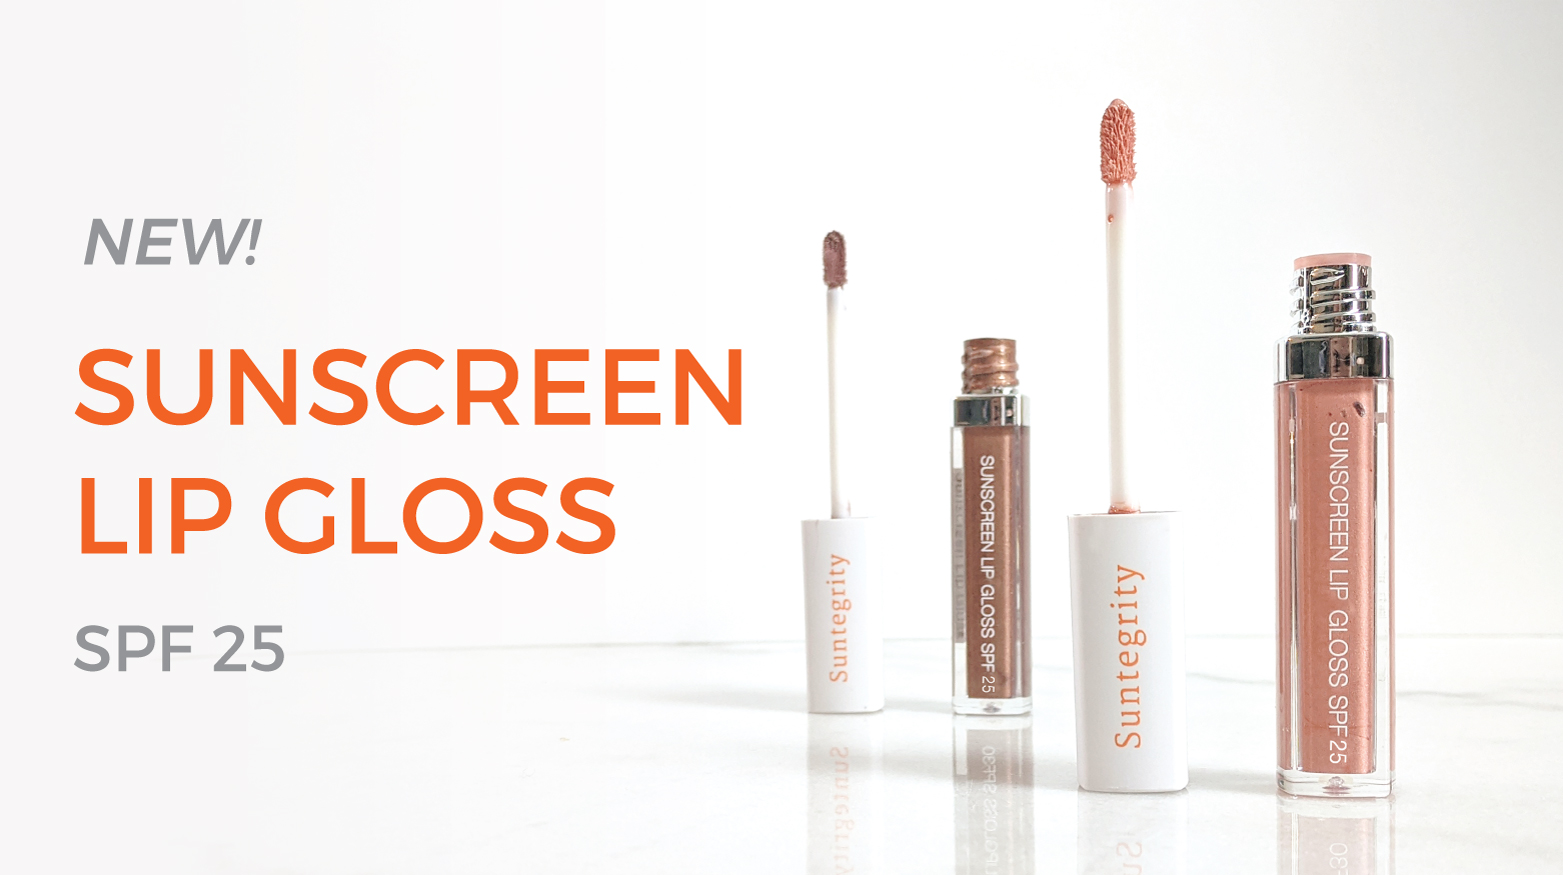 Sunscreen Lip Gloss